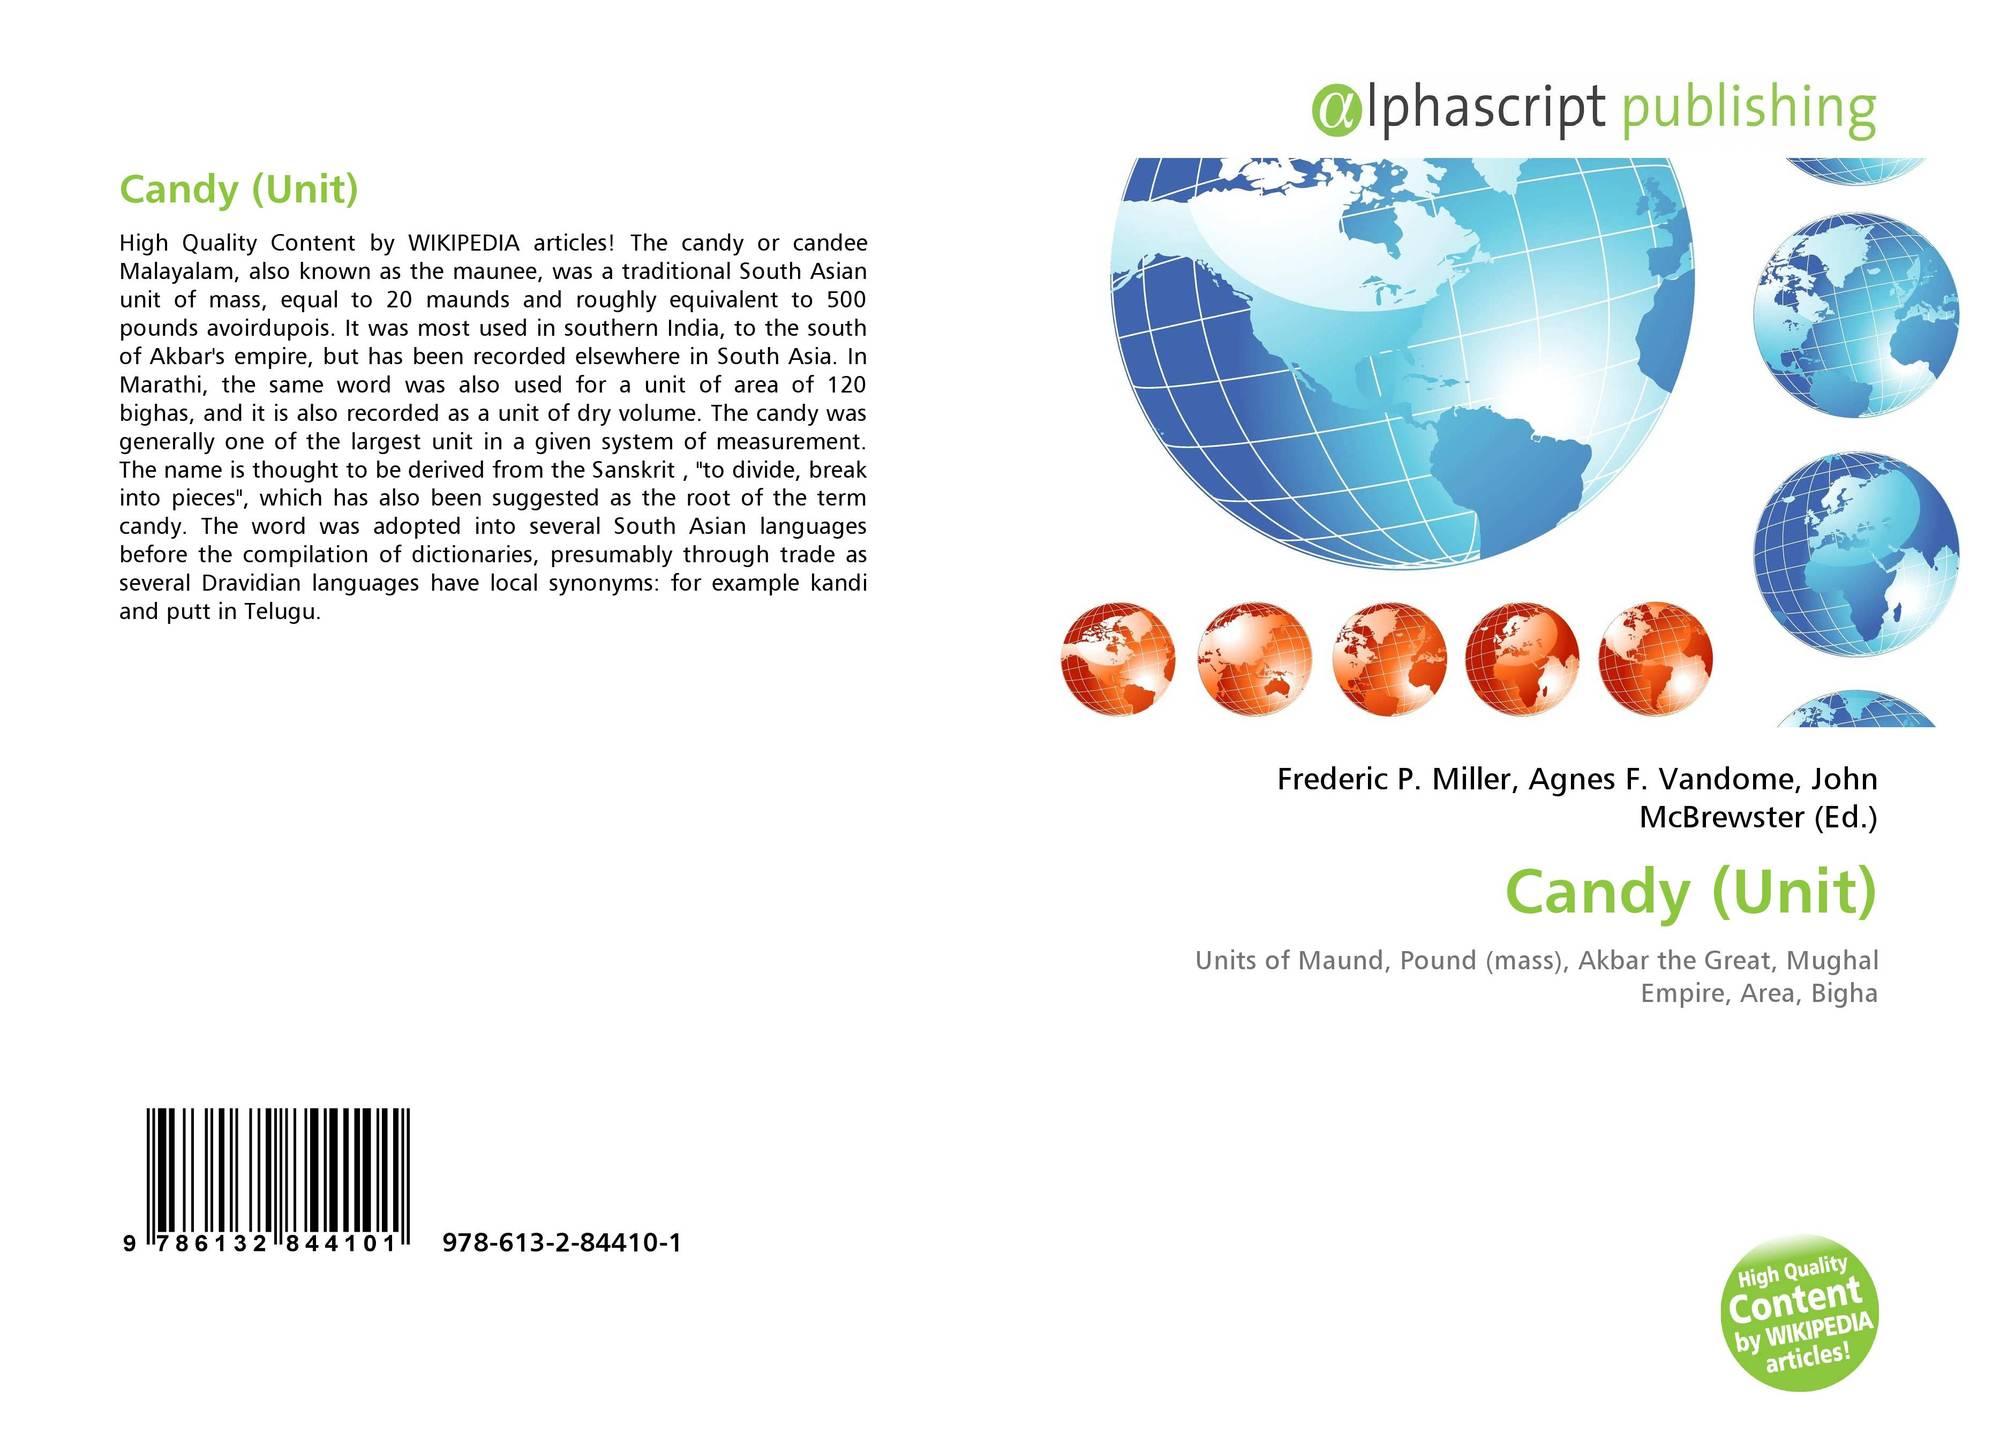 Candy (Unit), 978-613-2-84410-1, 6132844104 ,9786132844101